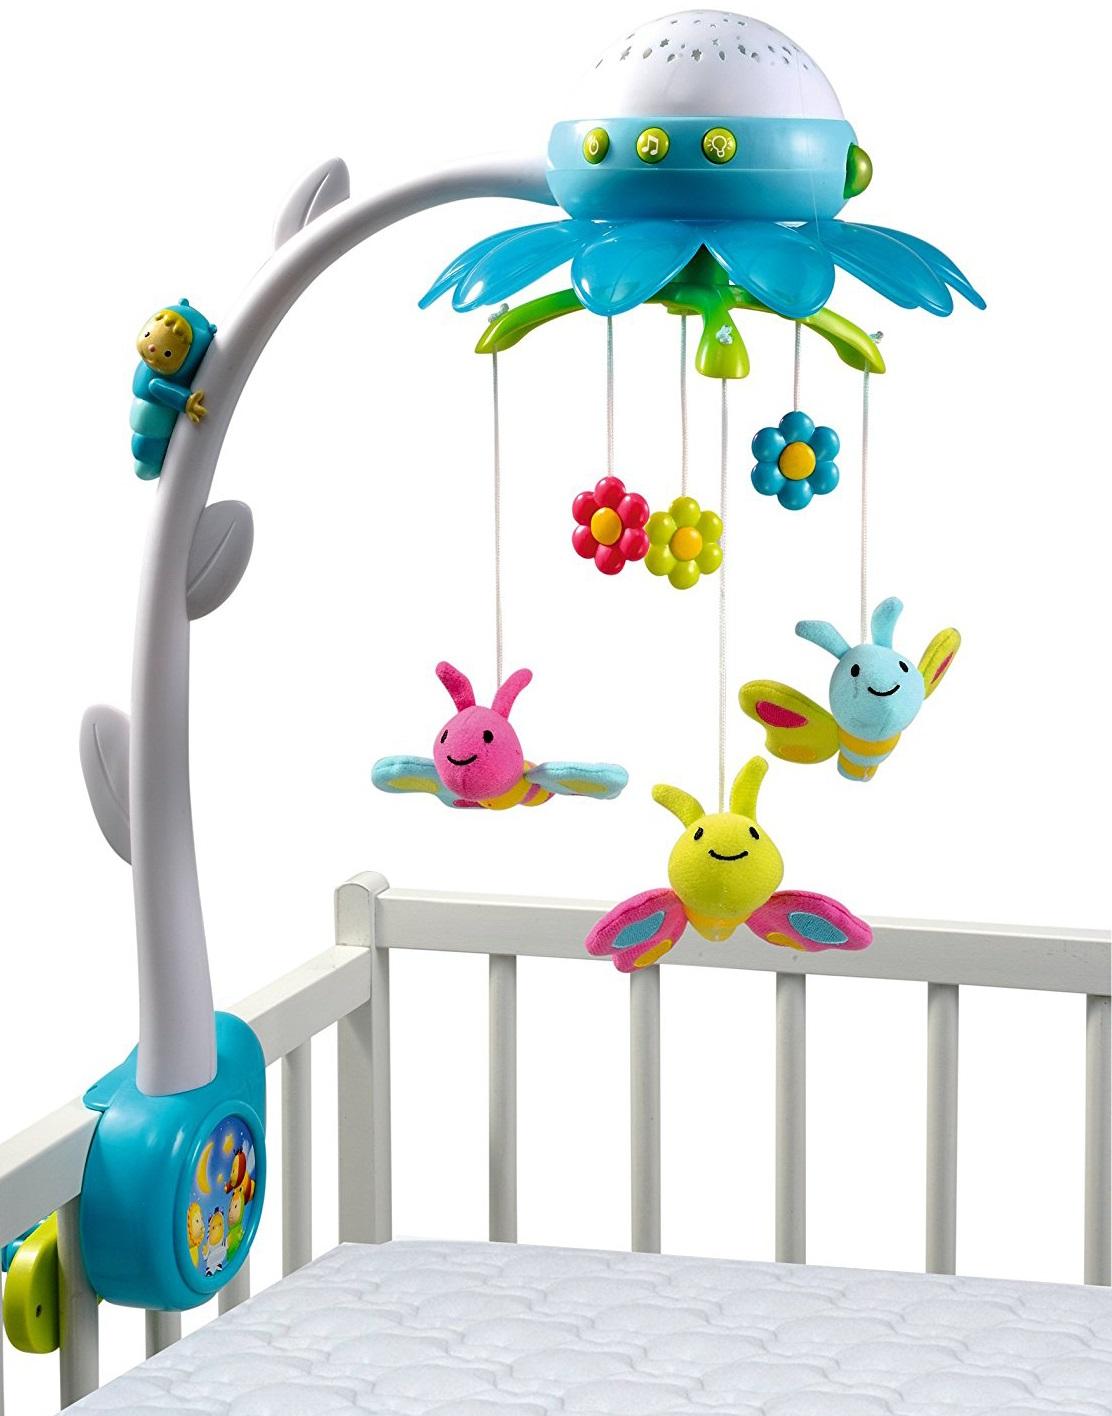 Мобиль музыкальный на кроватку - Цветок, синийМобили и музыкальные карусели на кроватку, игрушки для сна<br>Мобиль музыкальный на кроватку - Цветок, синий<br>